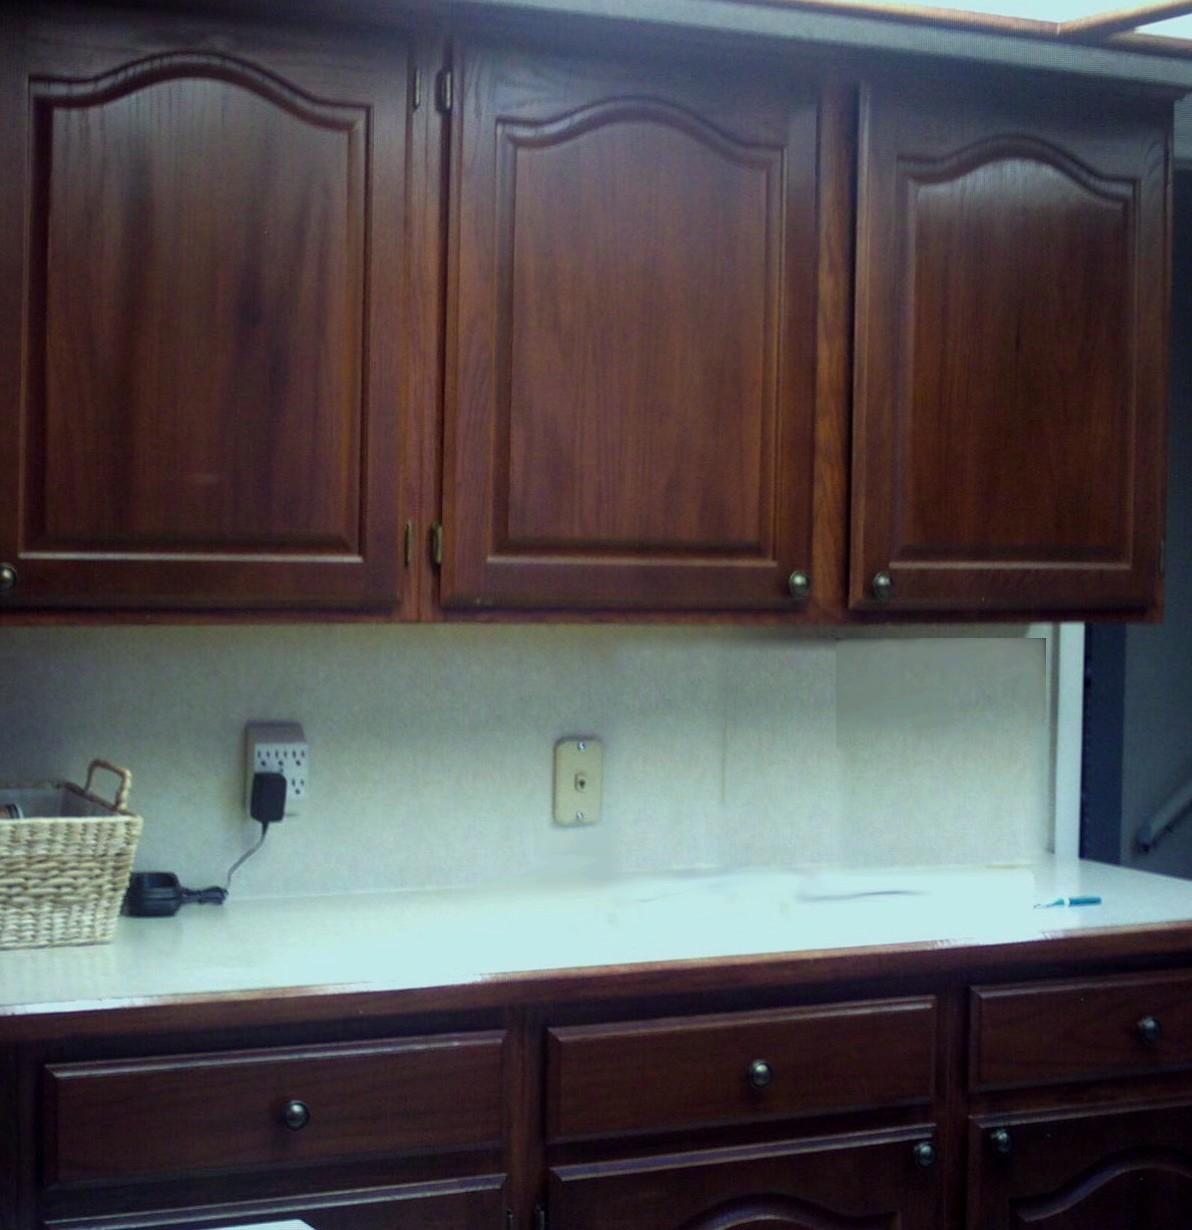 Best Kitchen Gallery: Dark Kitchen Cabi Refinishing of Oak Kitchen Cabinet Refinishing on rachelxblog.com